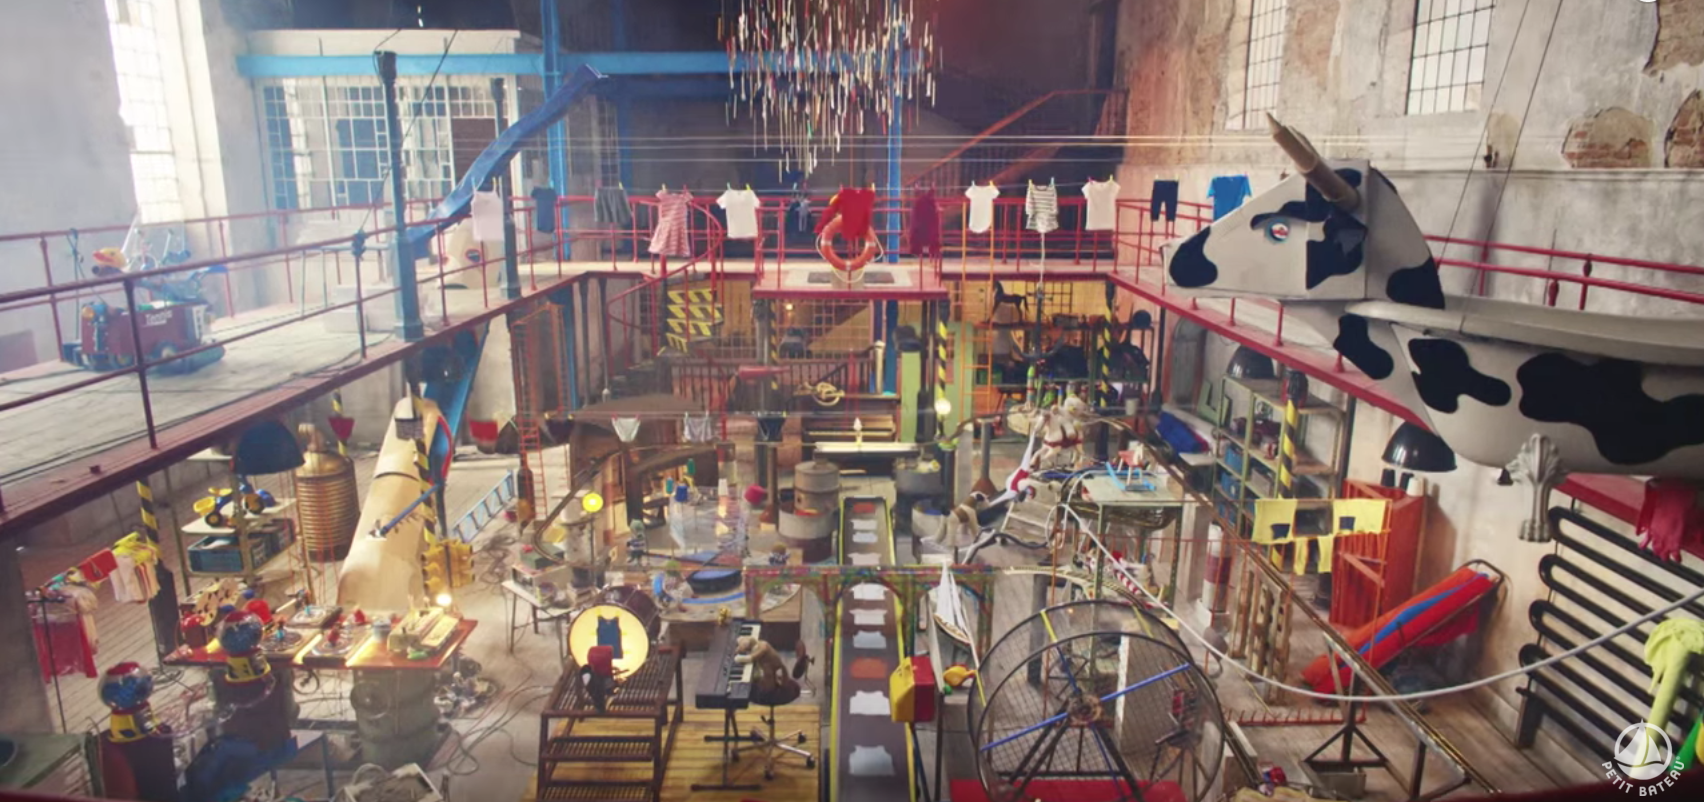 Une usine secrète qui lève le voile sur le pourquoi les vêtement Petit Bateau sont parfaits pour les enfants...